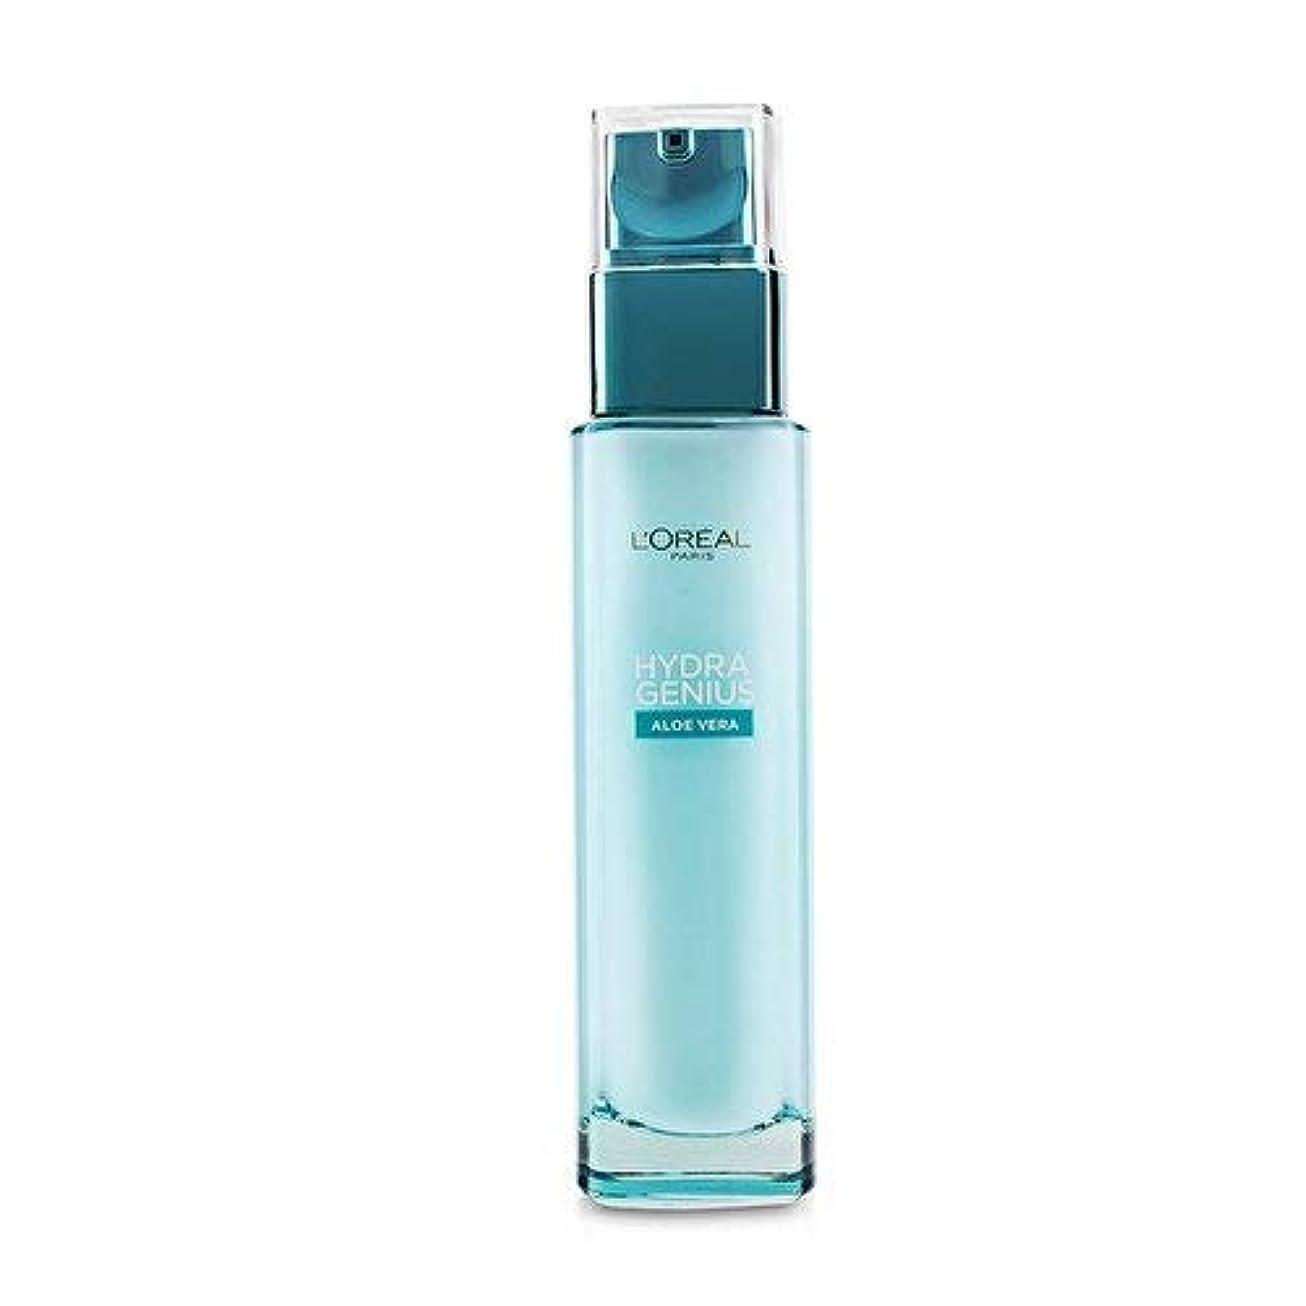 のりデザート蒸留するロレアル Hydra Genius Aloe Vera Liquid Care - For Dry & Sensitive Skin 70ml/2.3oz並行輸入品